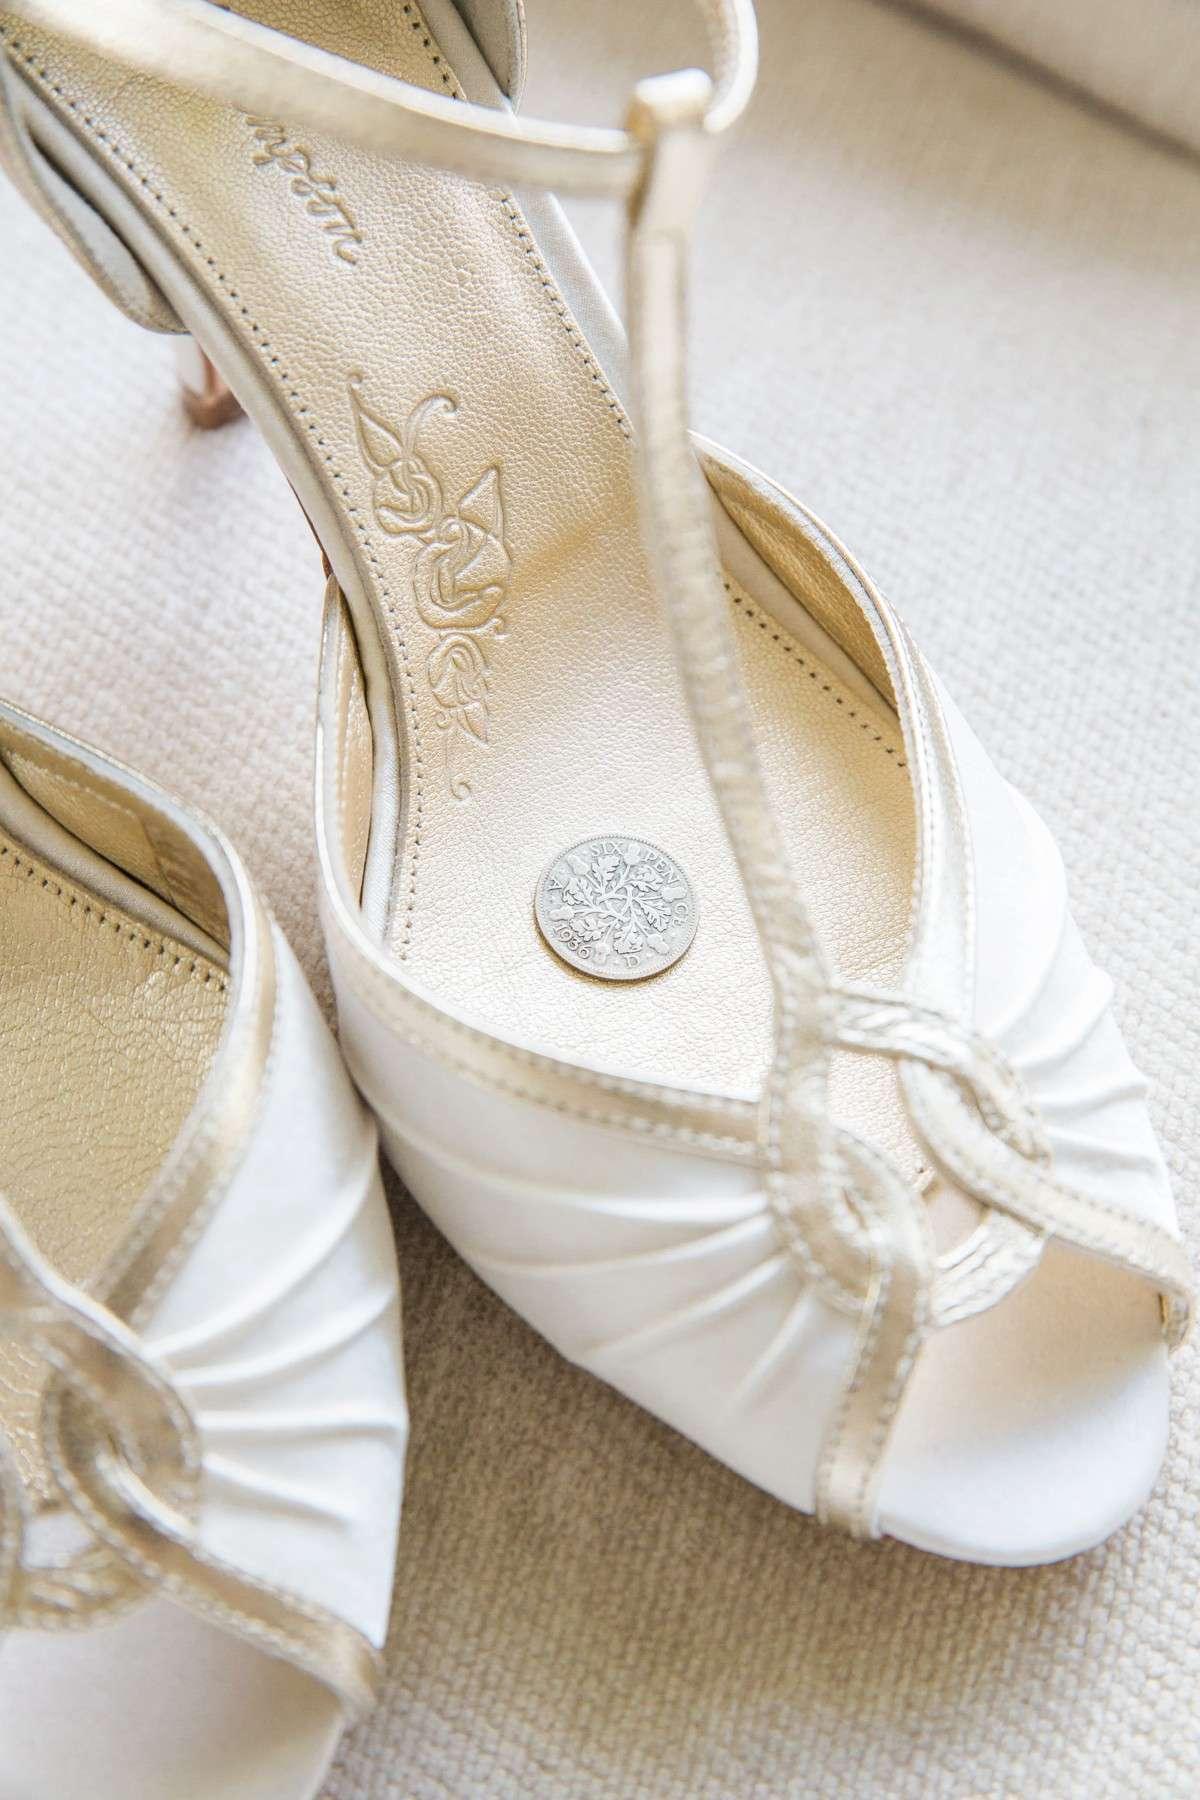 six pence in wedding shoe